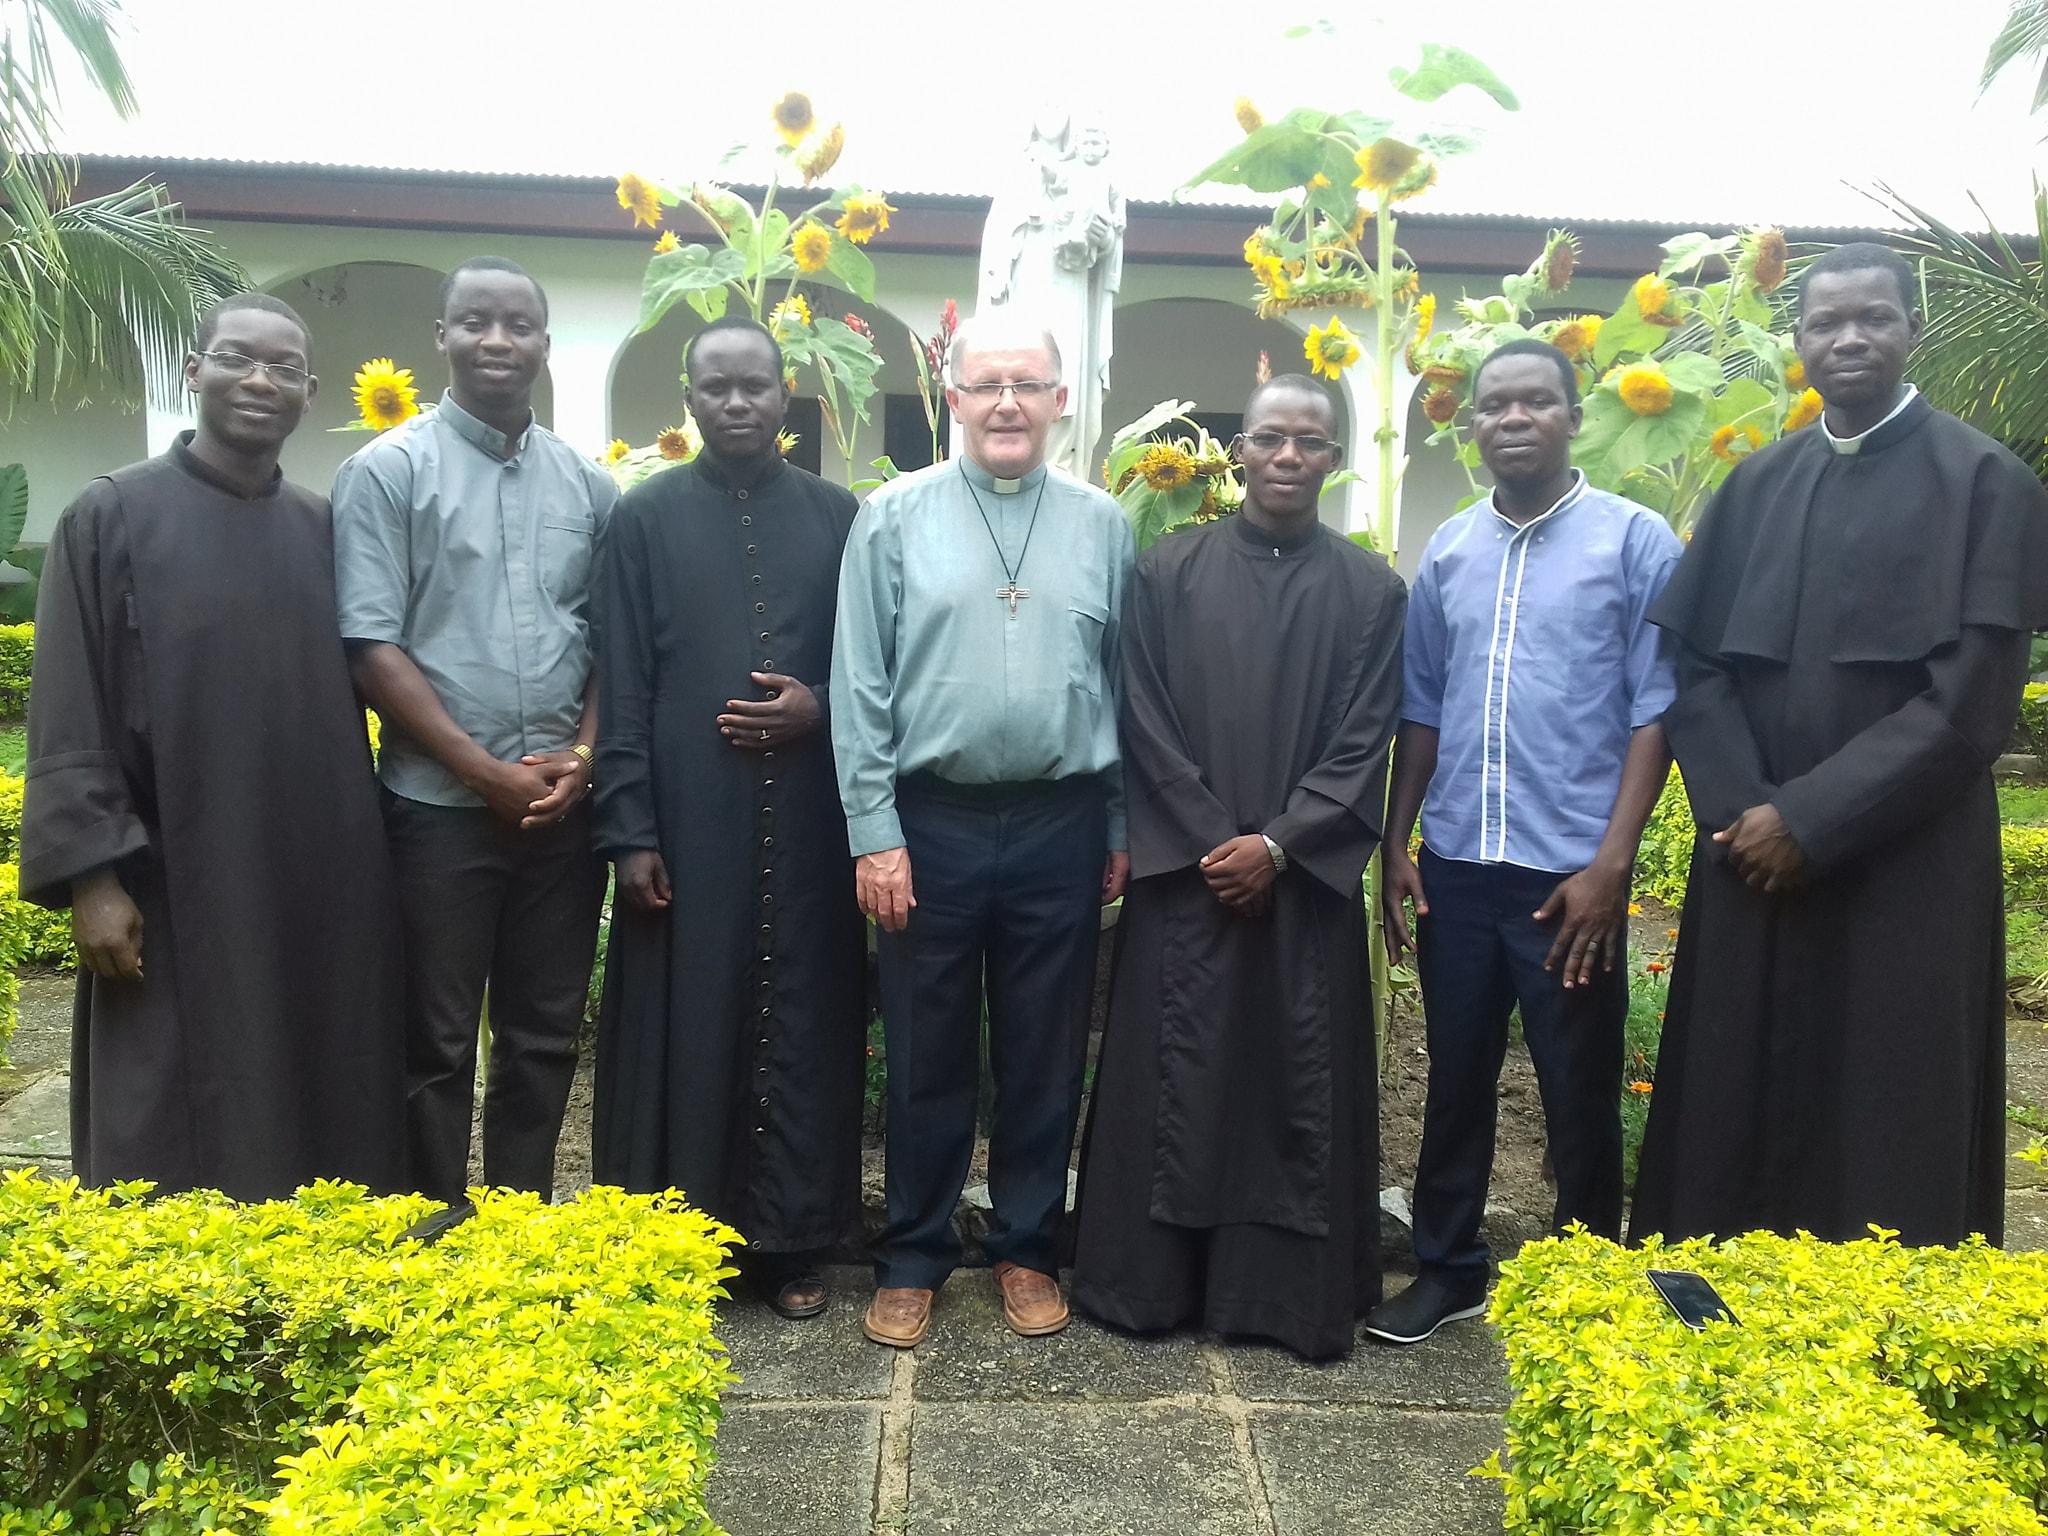 Pochodzący z Pisarzowej ks. Mirosław Gucwa biskupem w Republice Środkowoafrykańskiej - zdjęcie główne